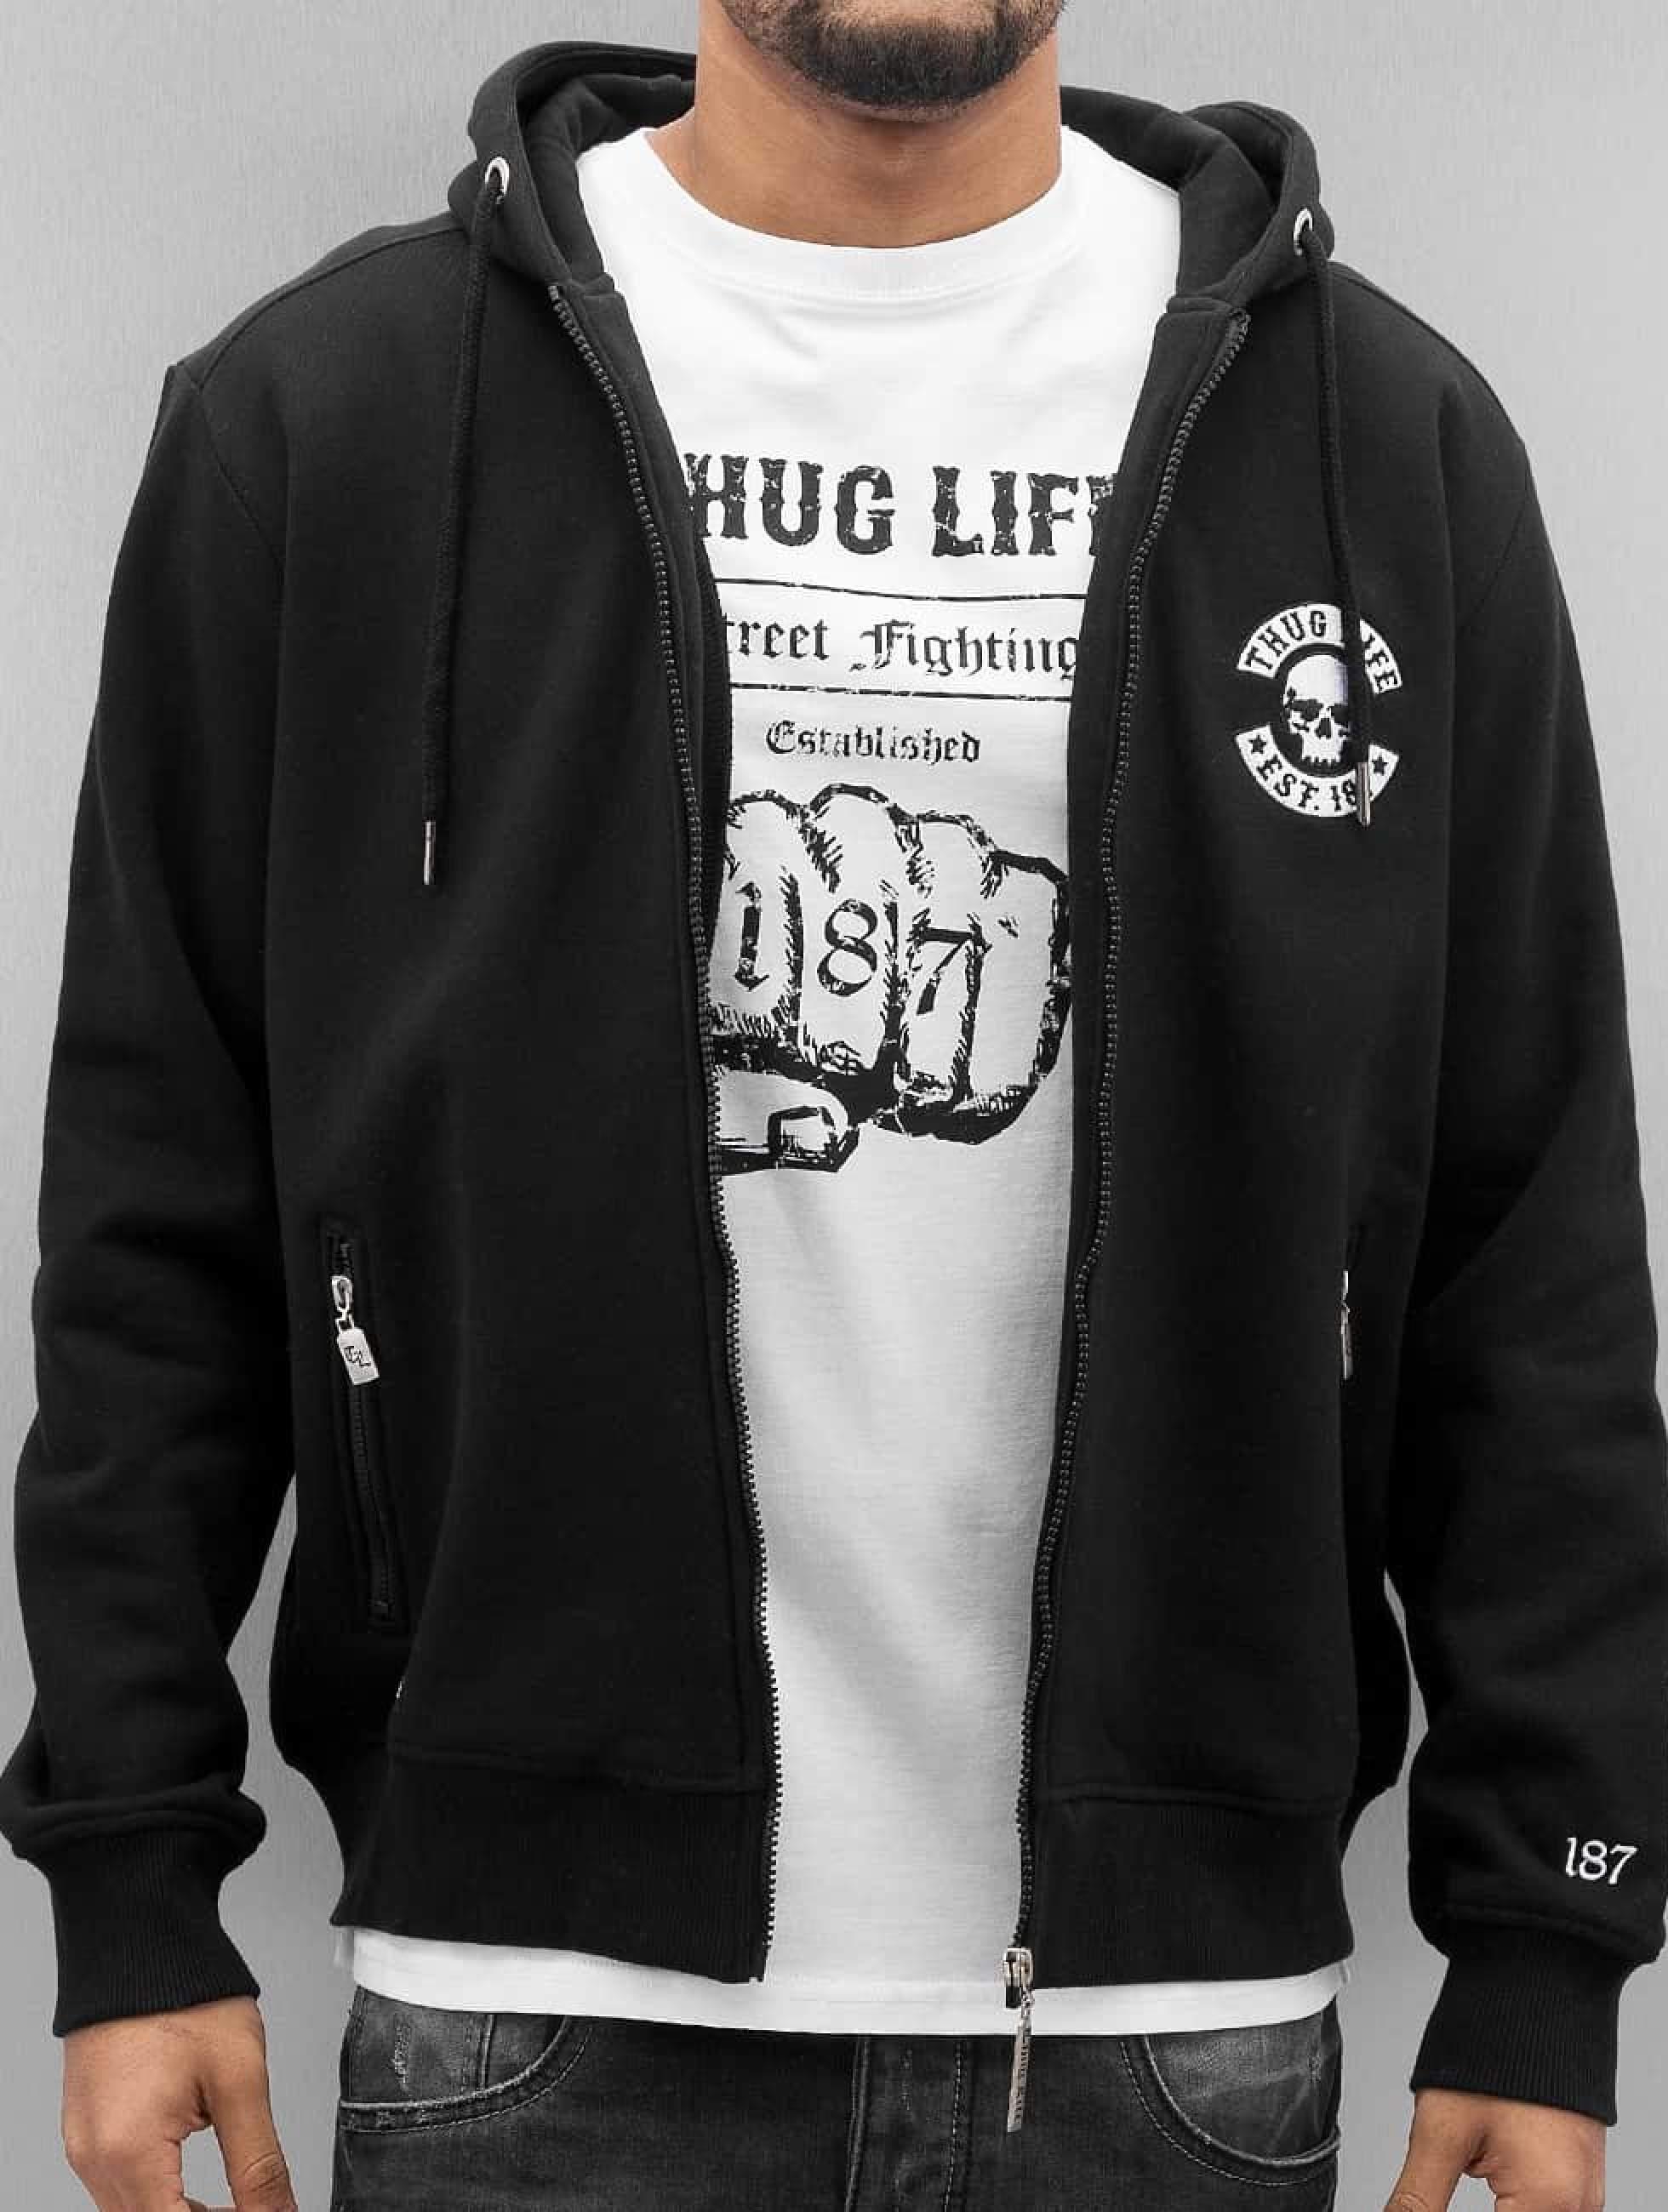 Thug Life / Zip Hoodie Base Est in black 2XL